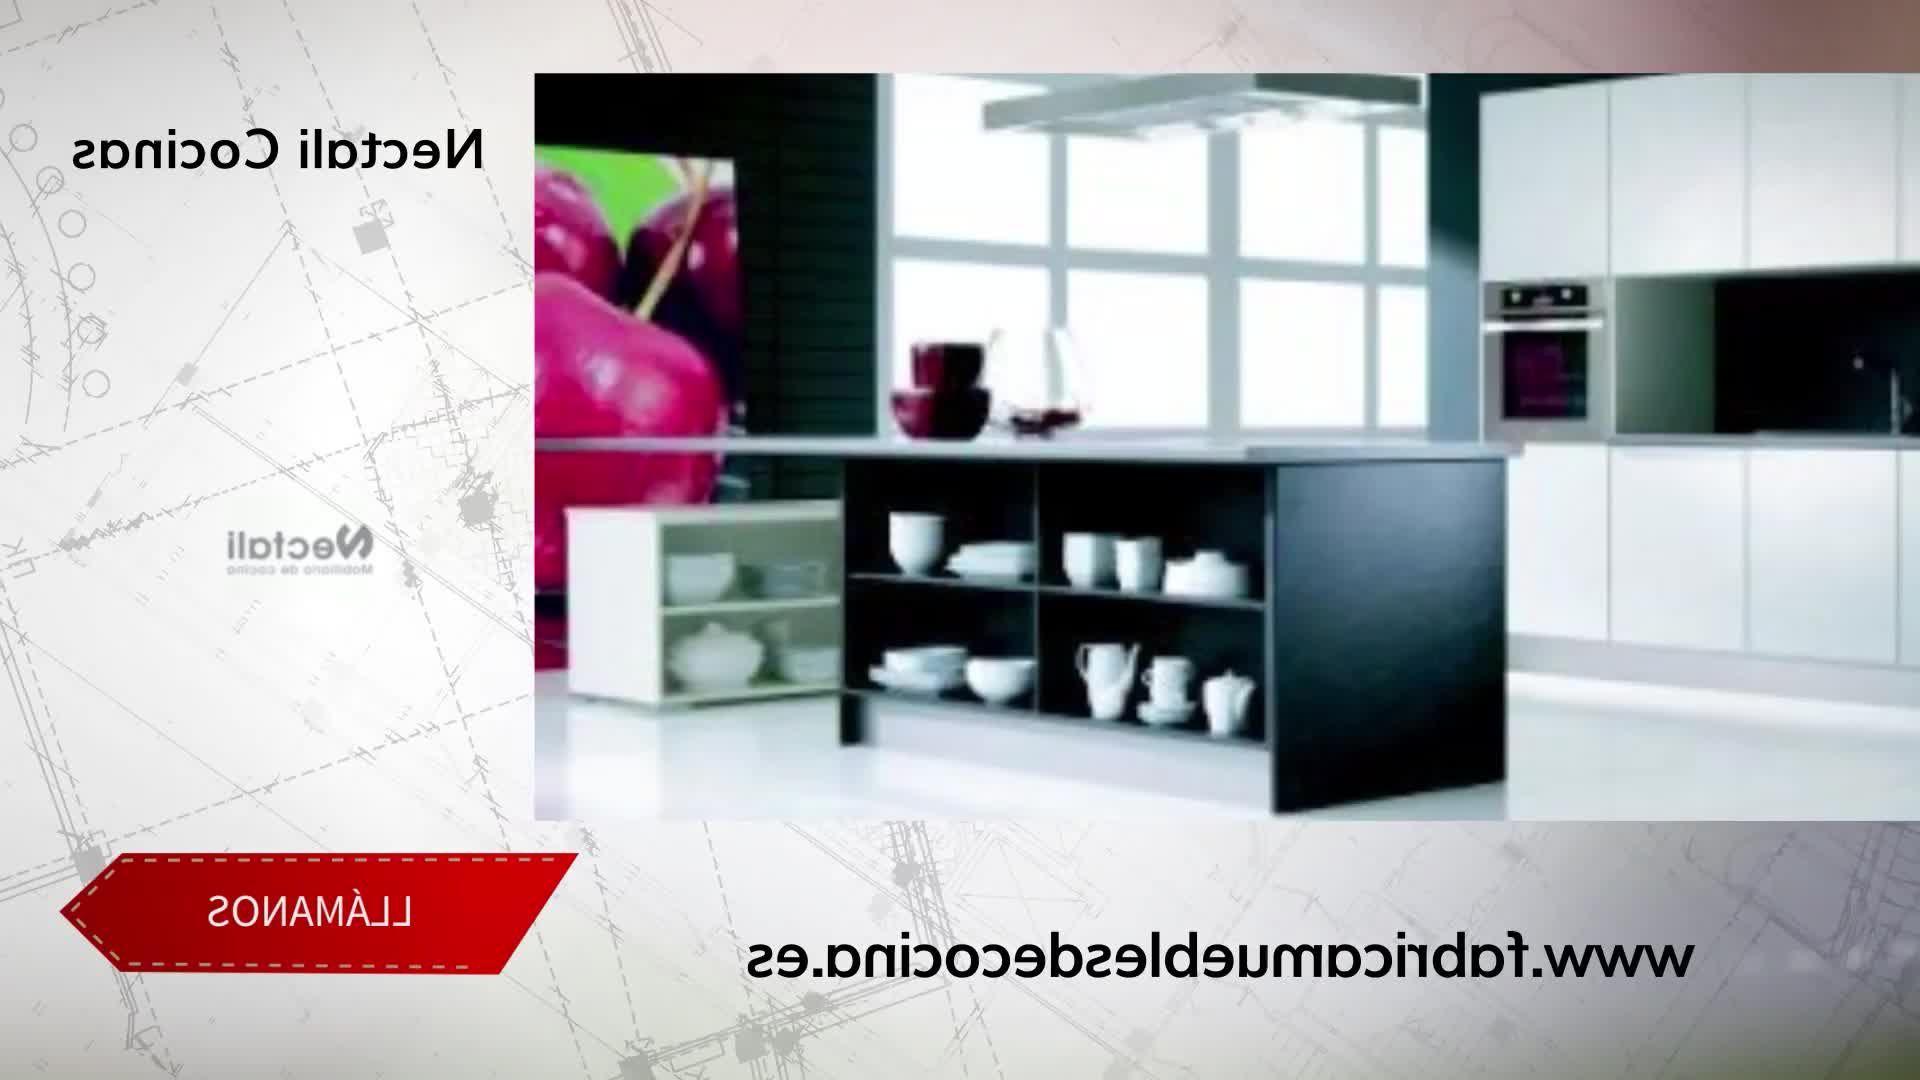 Tiendas De Muebles En Madrid Sur Mndw Tiendas De Muebles De Cocina En Madrid Sur Nectali Con todas Las